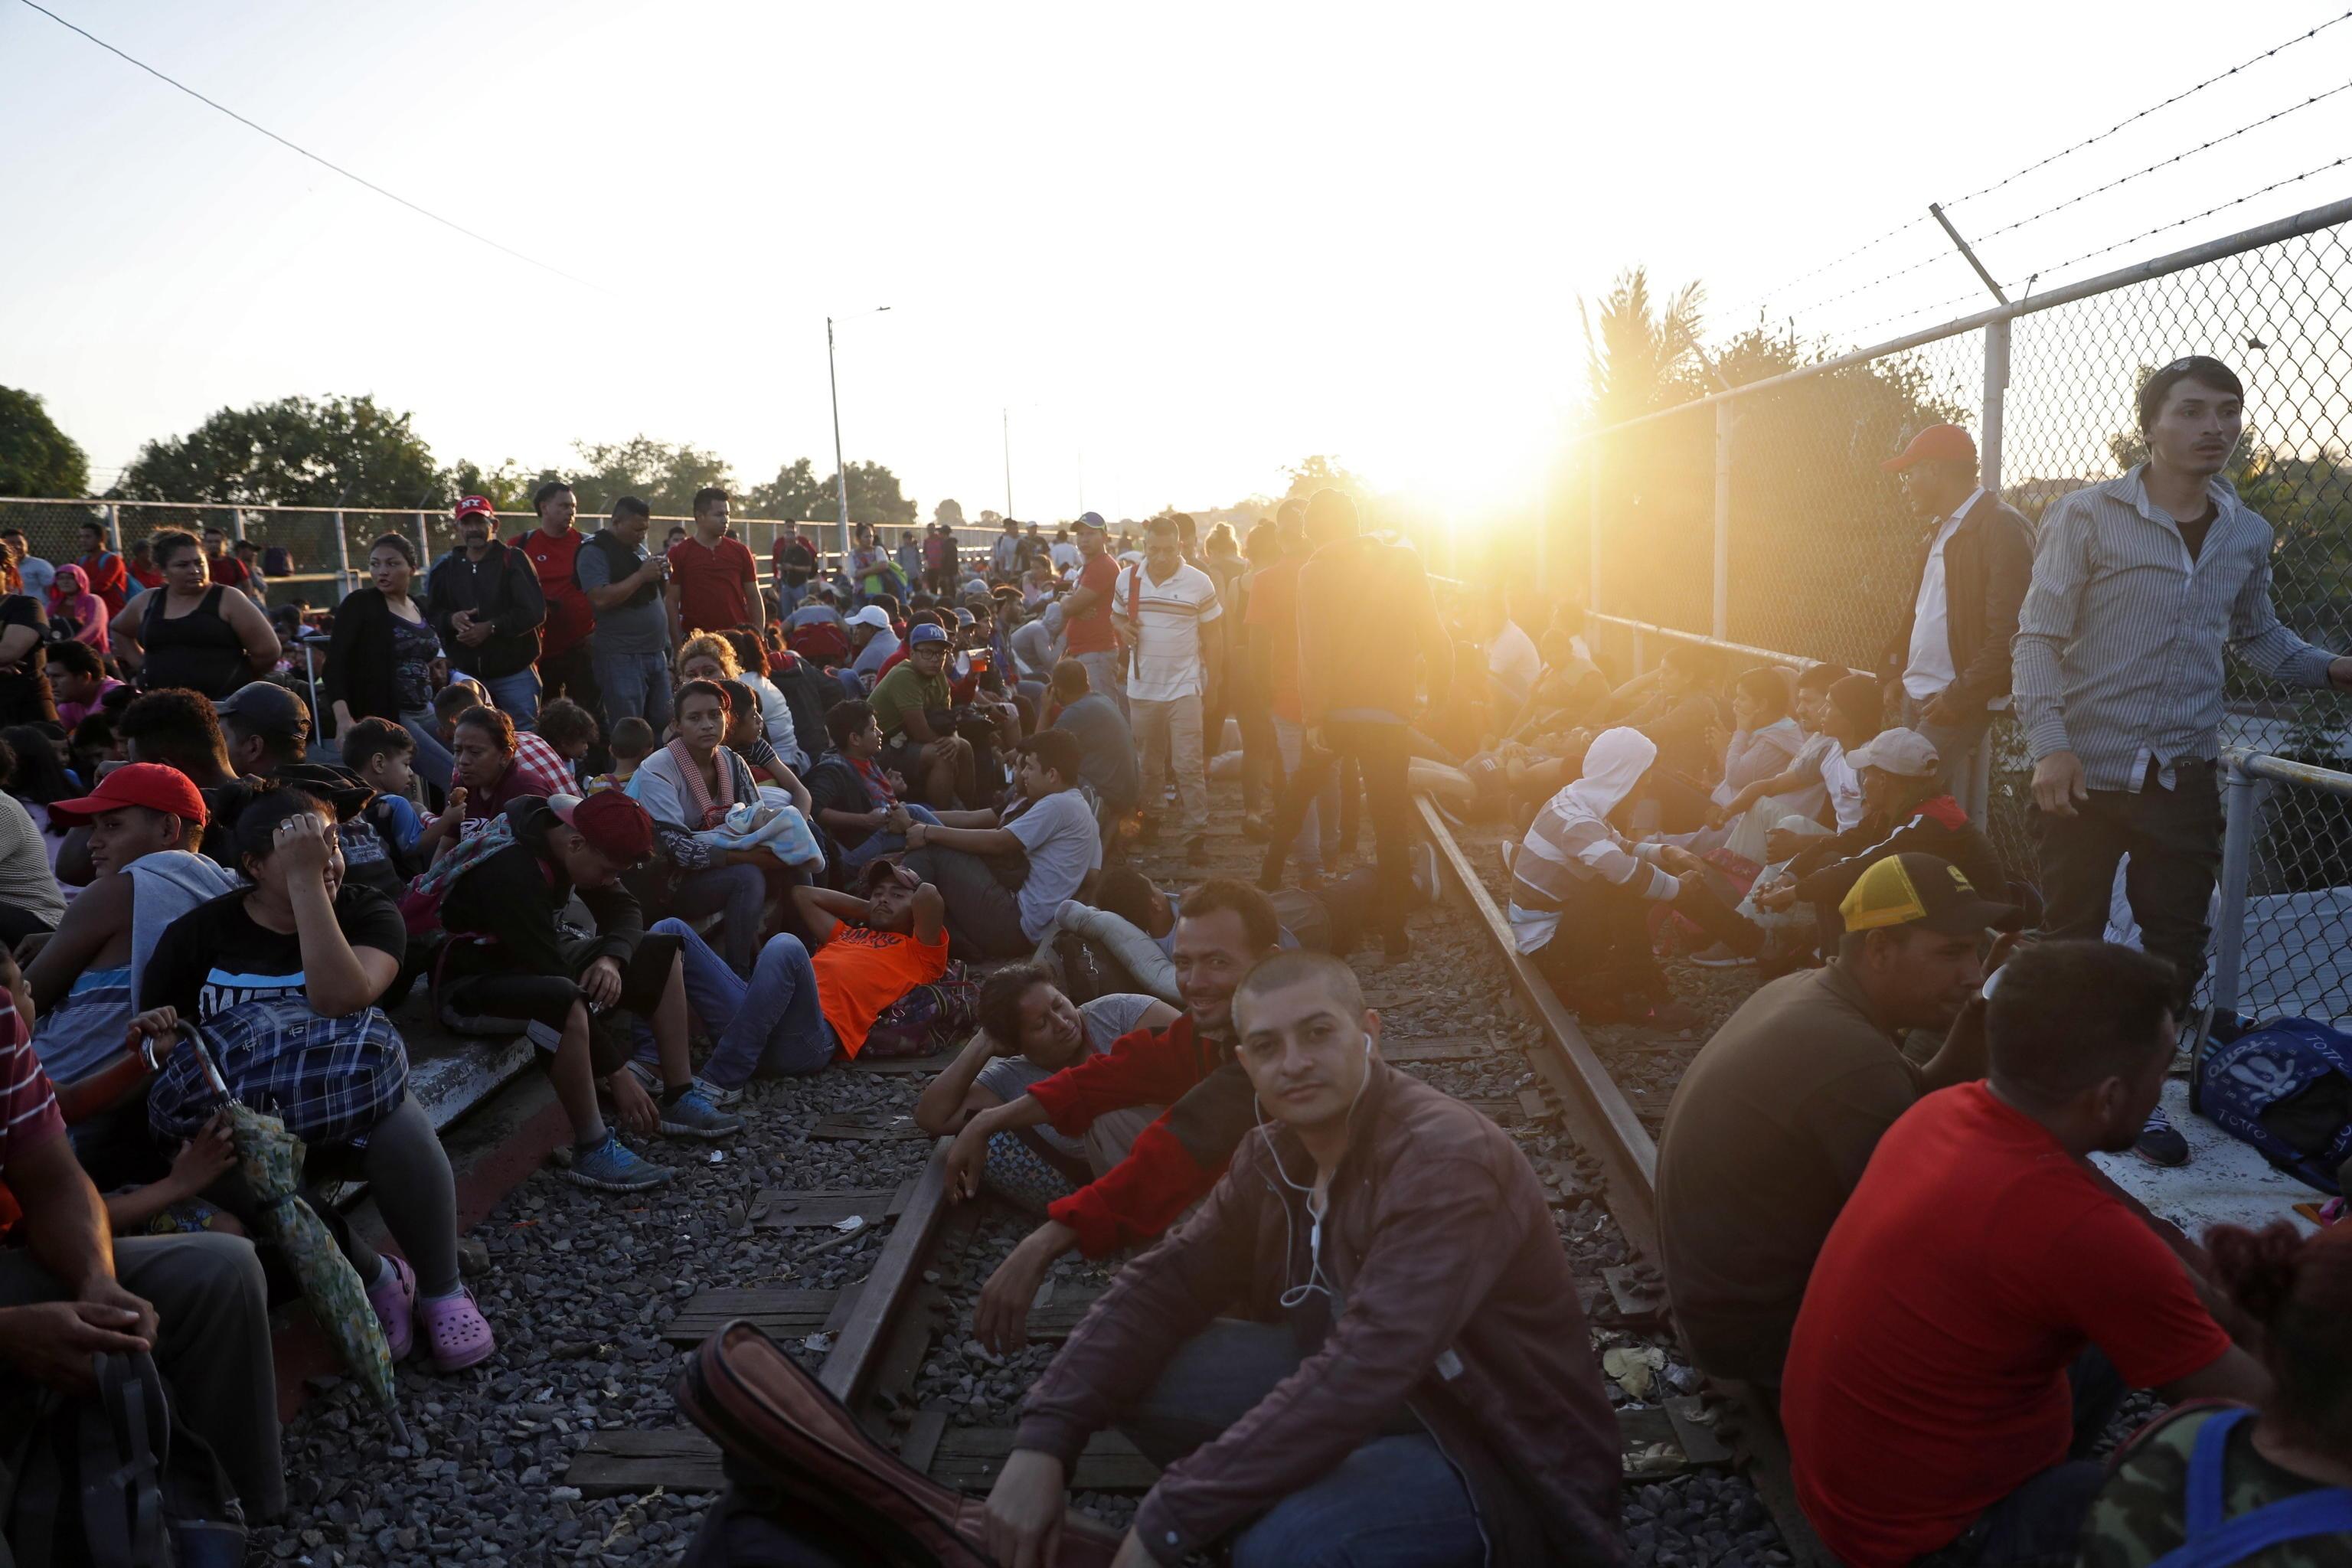 L'attesa sul ponte di Tecun Umam (Guatemala) dei migranti honduregni che vogliono arrivare in Messico